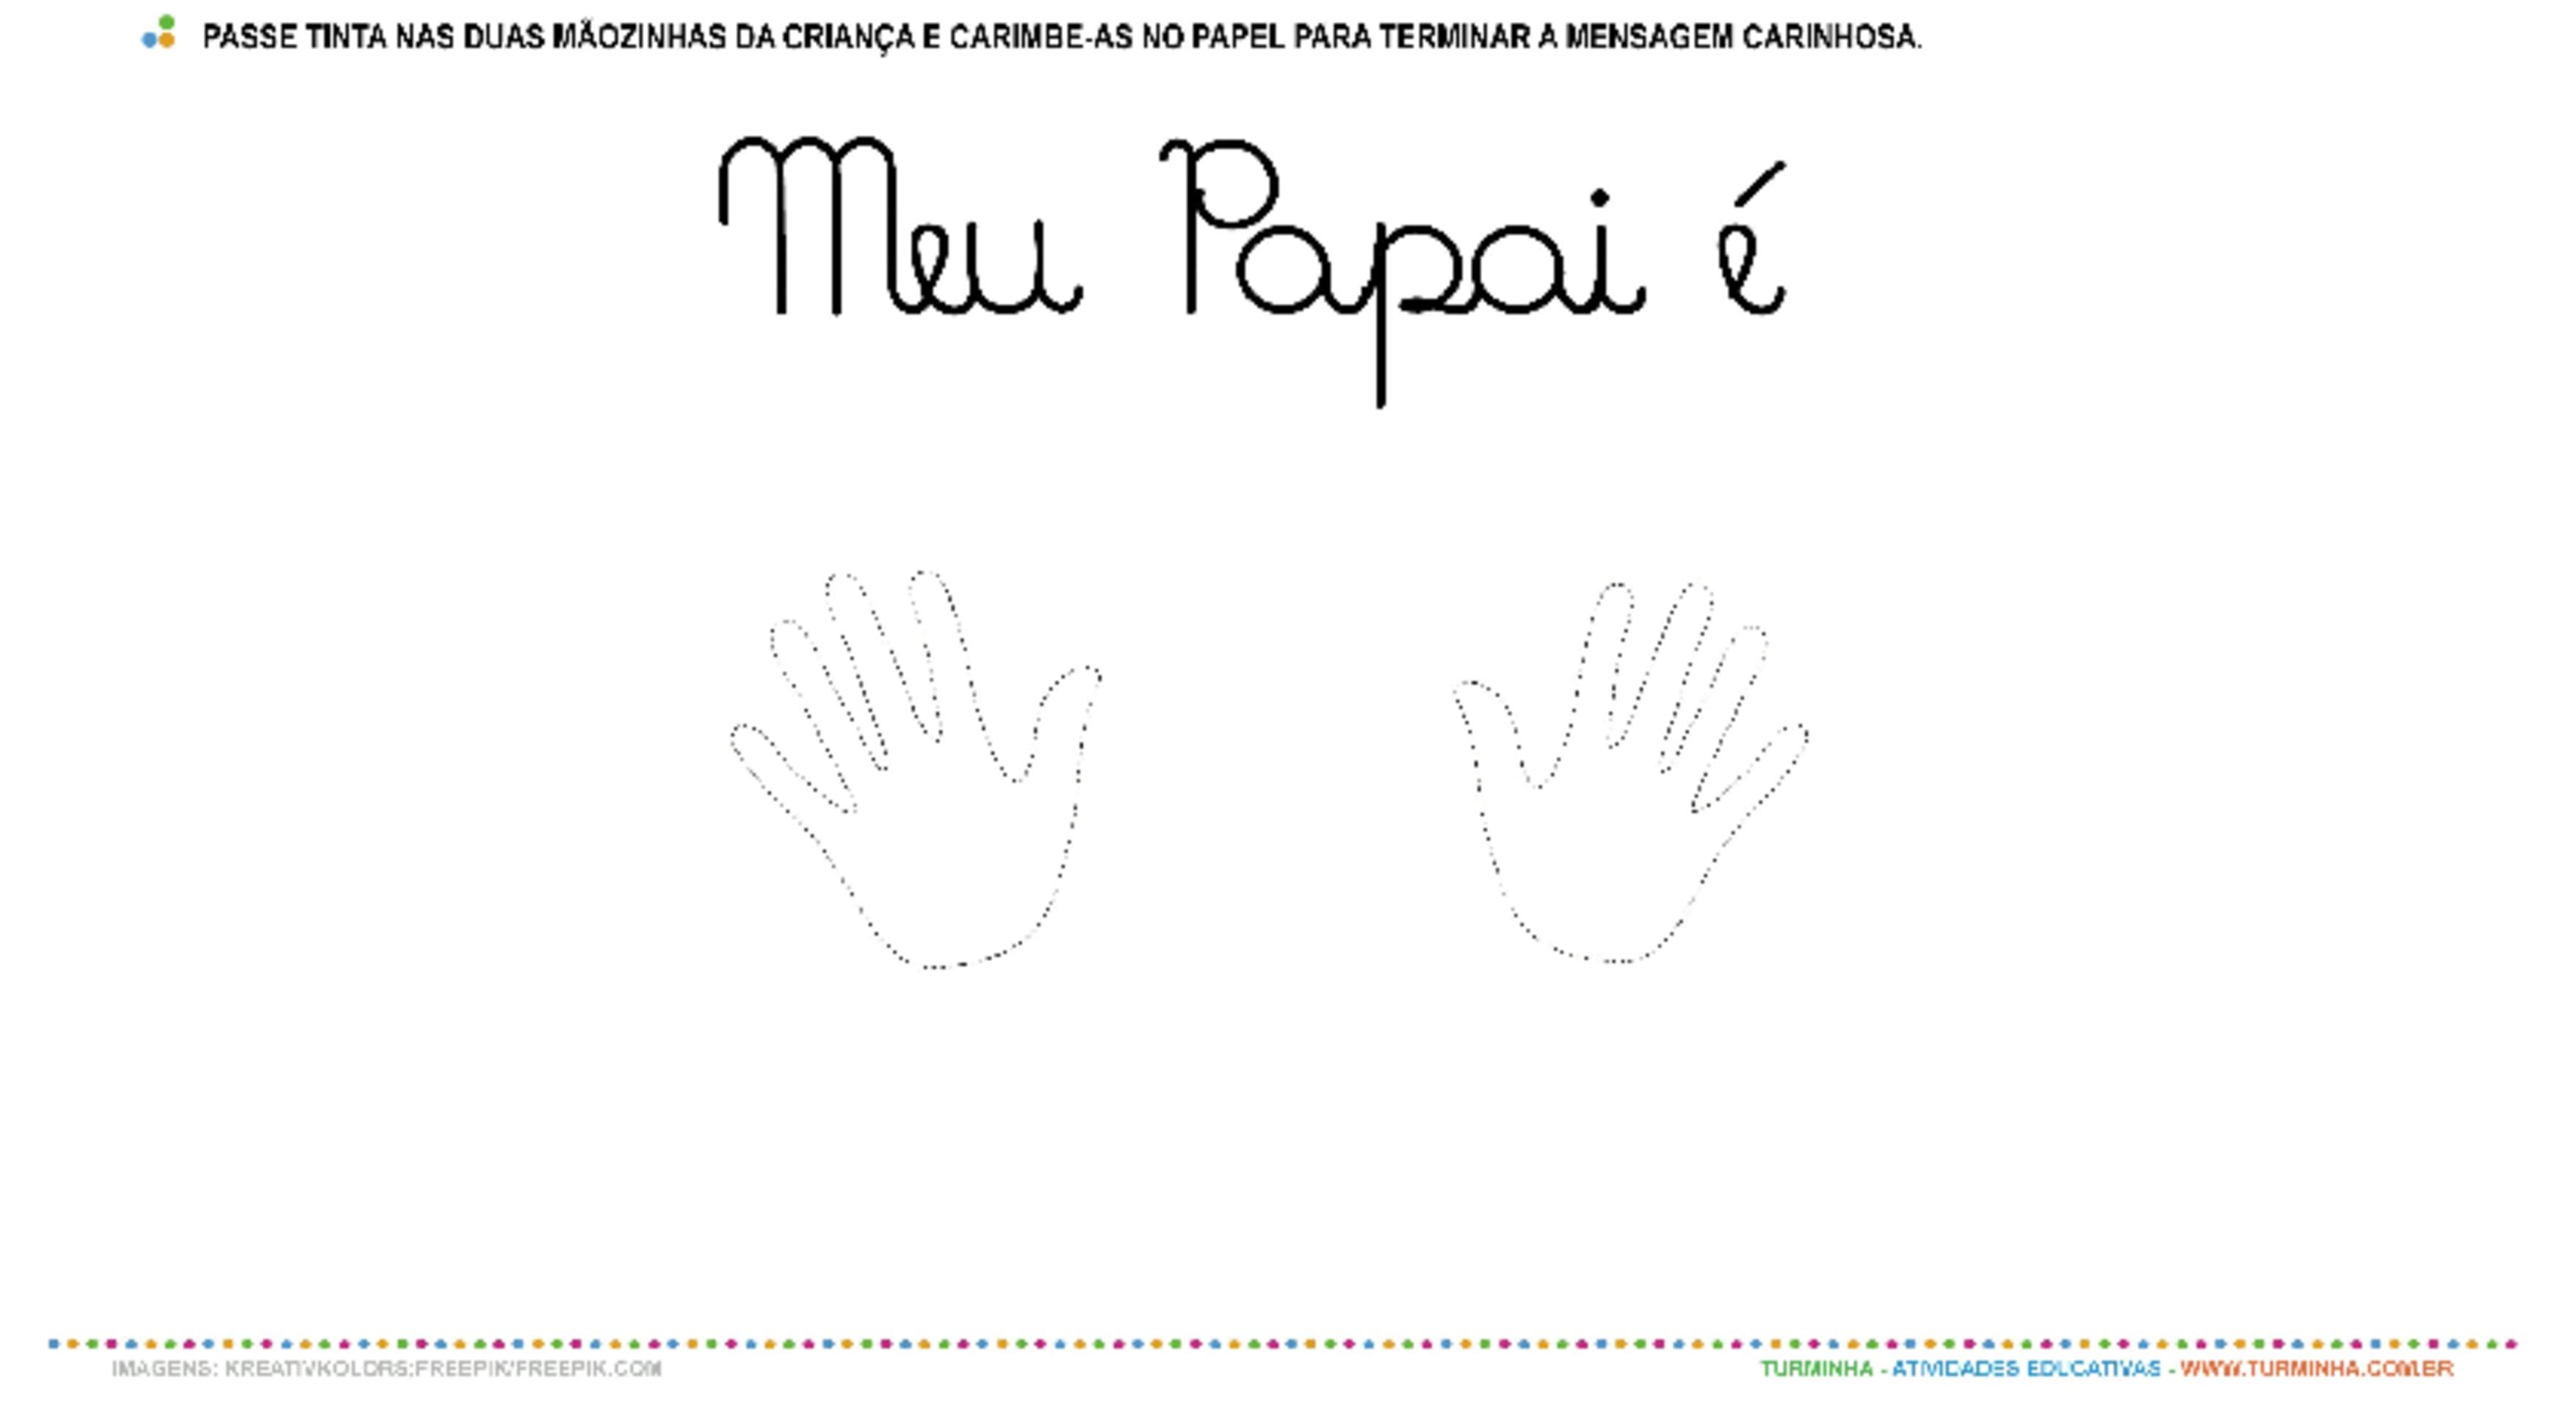 Meu Papai é Dez - Carimbo com as mãos - atividade educativa para Creche (0 a 3 anos)